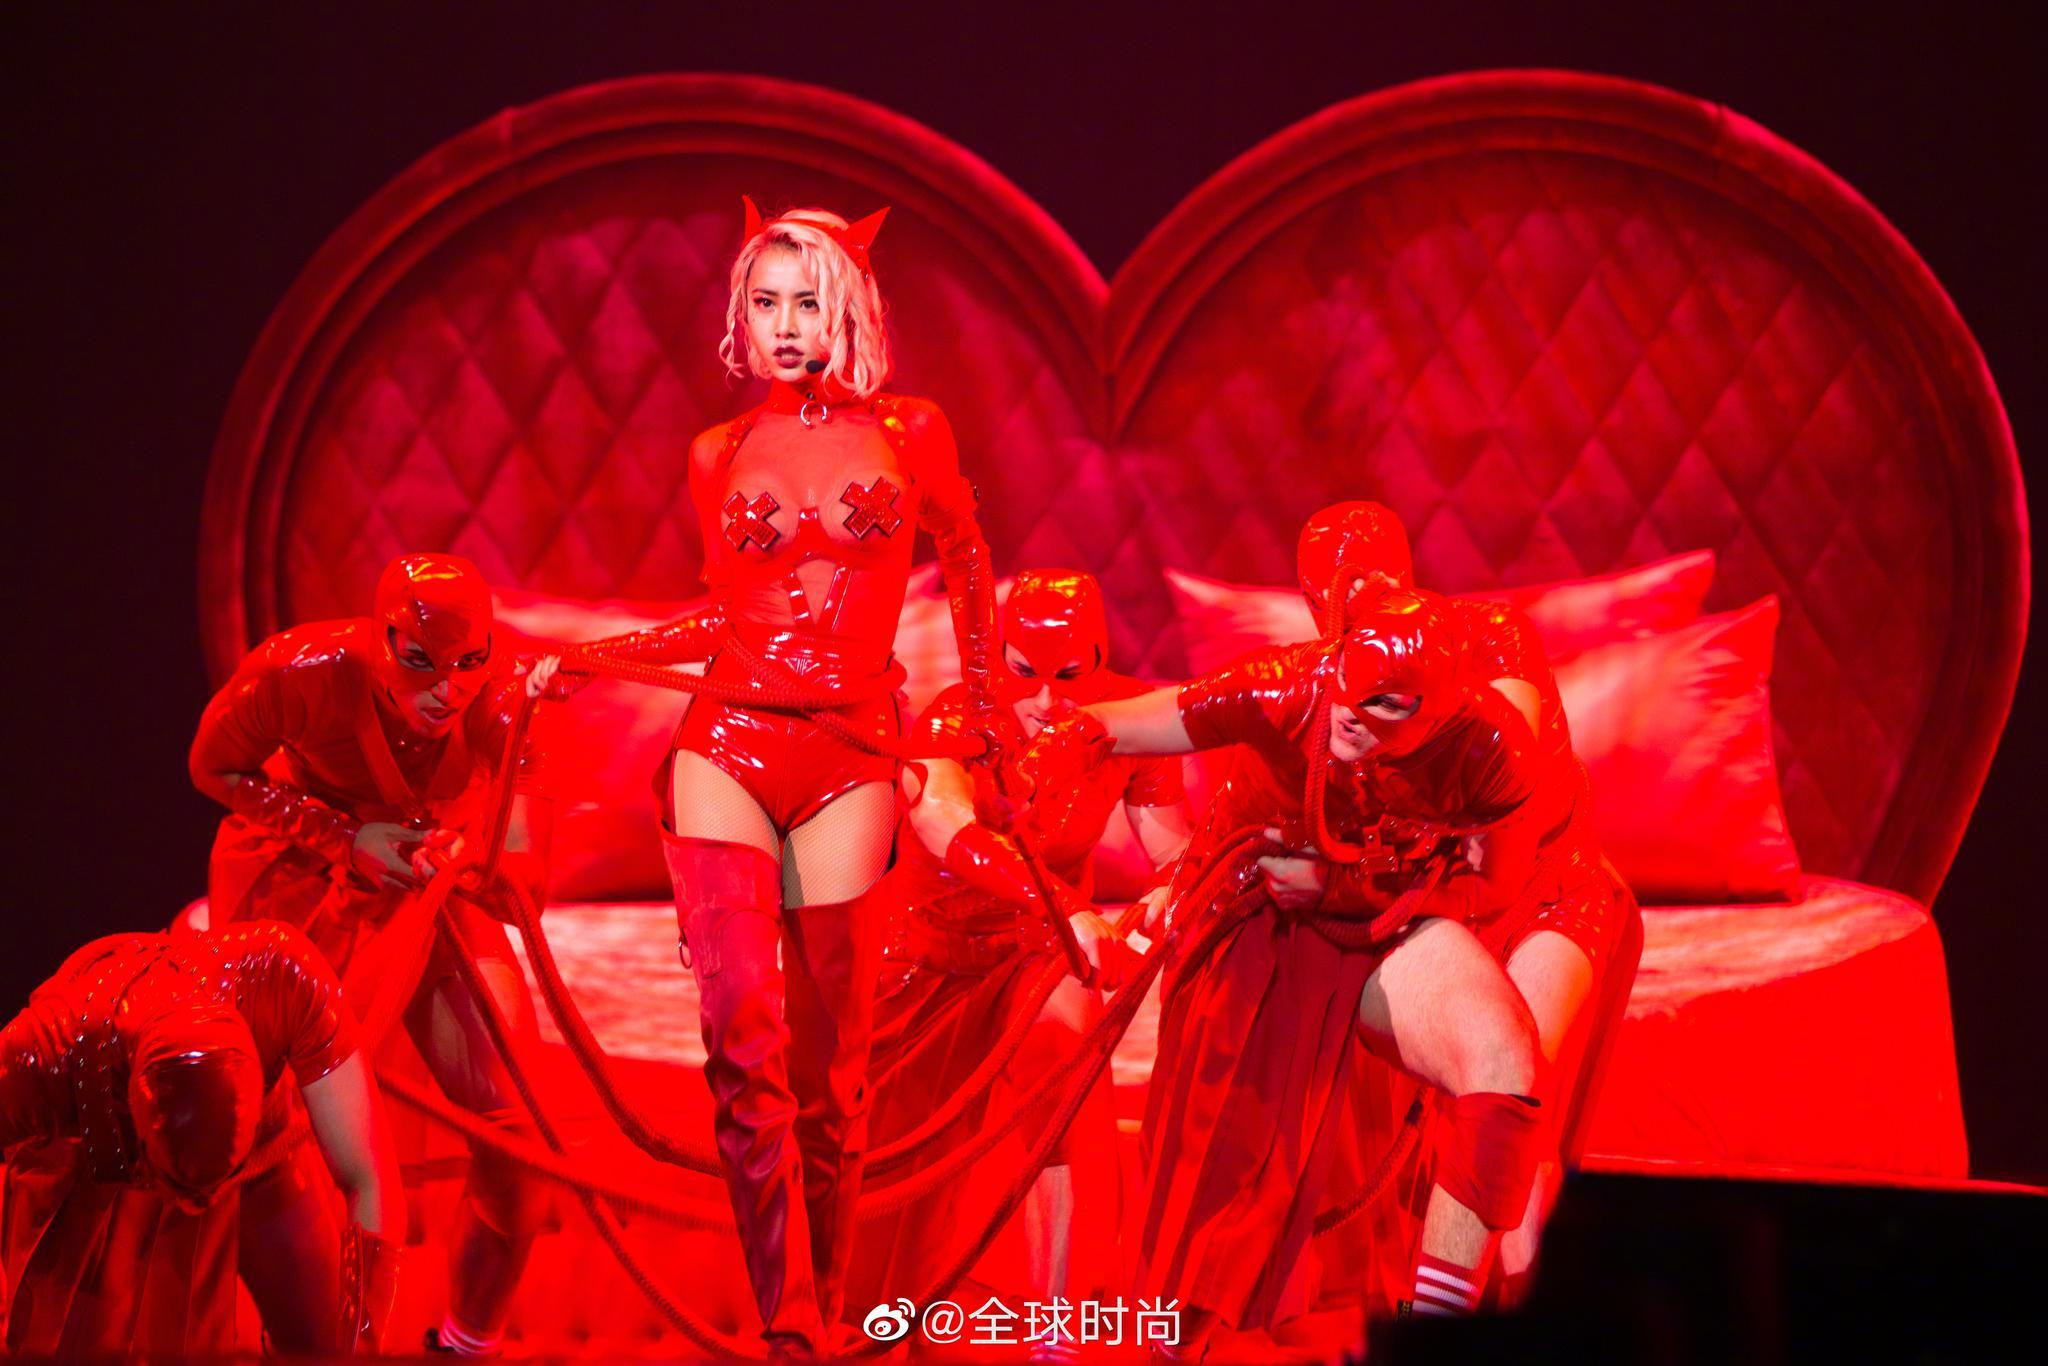 蔡依林《uglybeauty》演唱会造型,红色透视皮衣短裤造型惊艳亮相